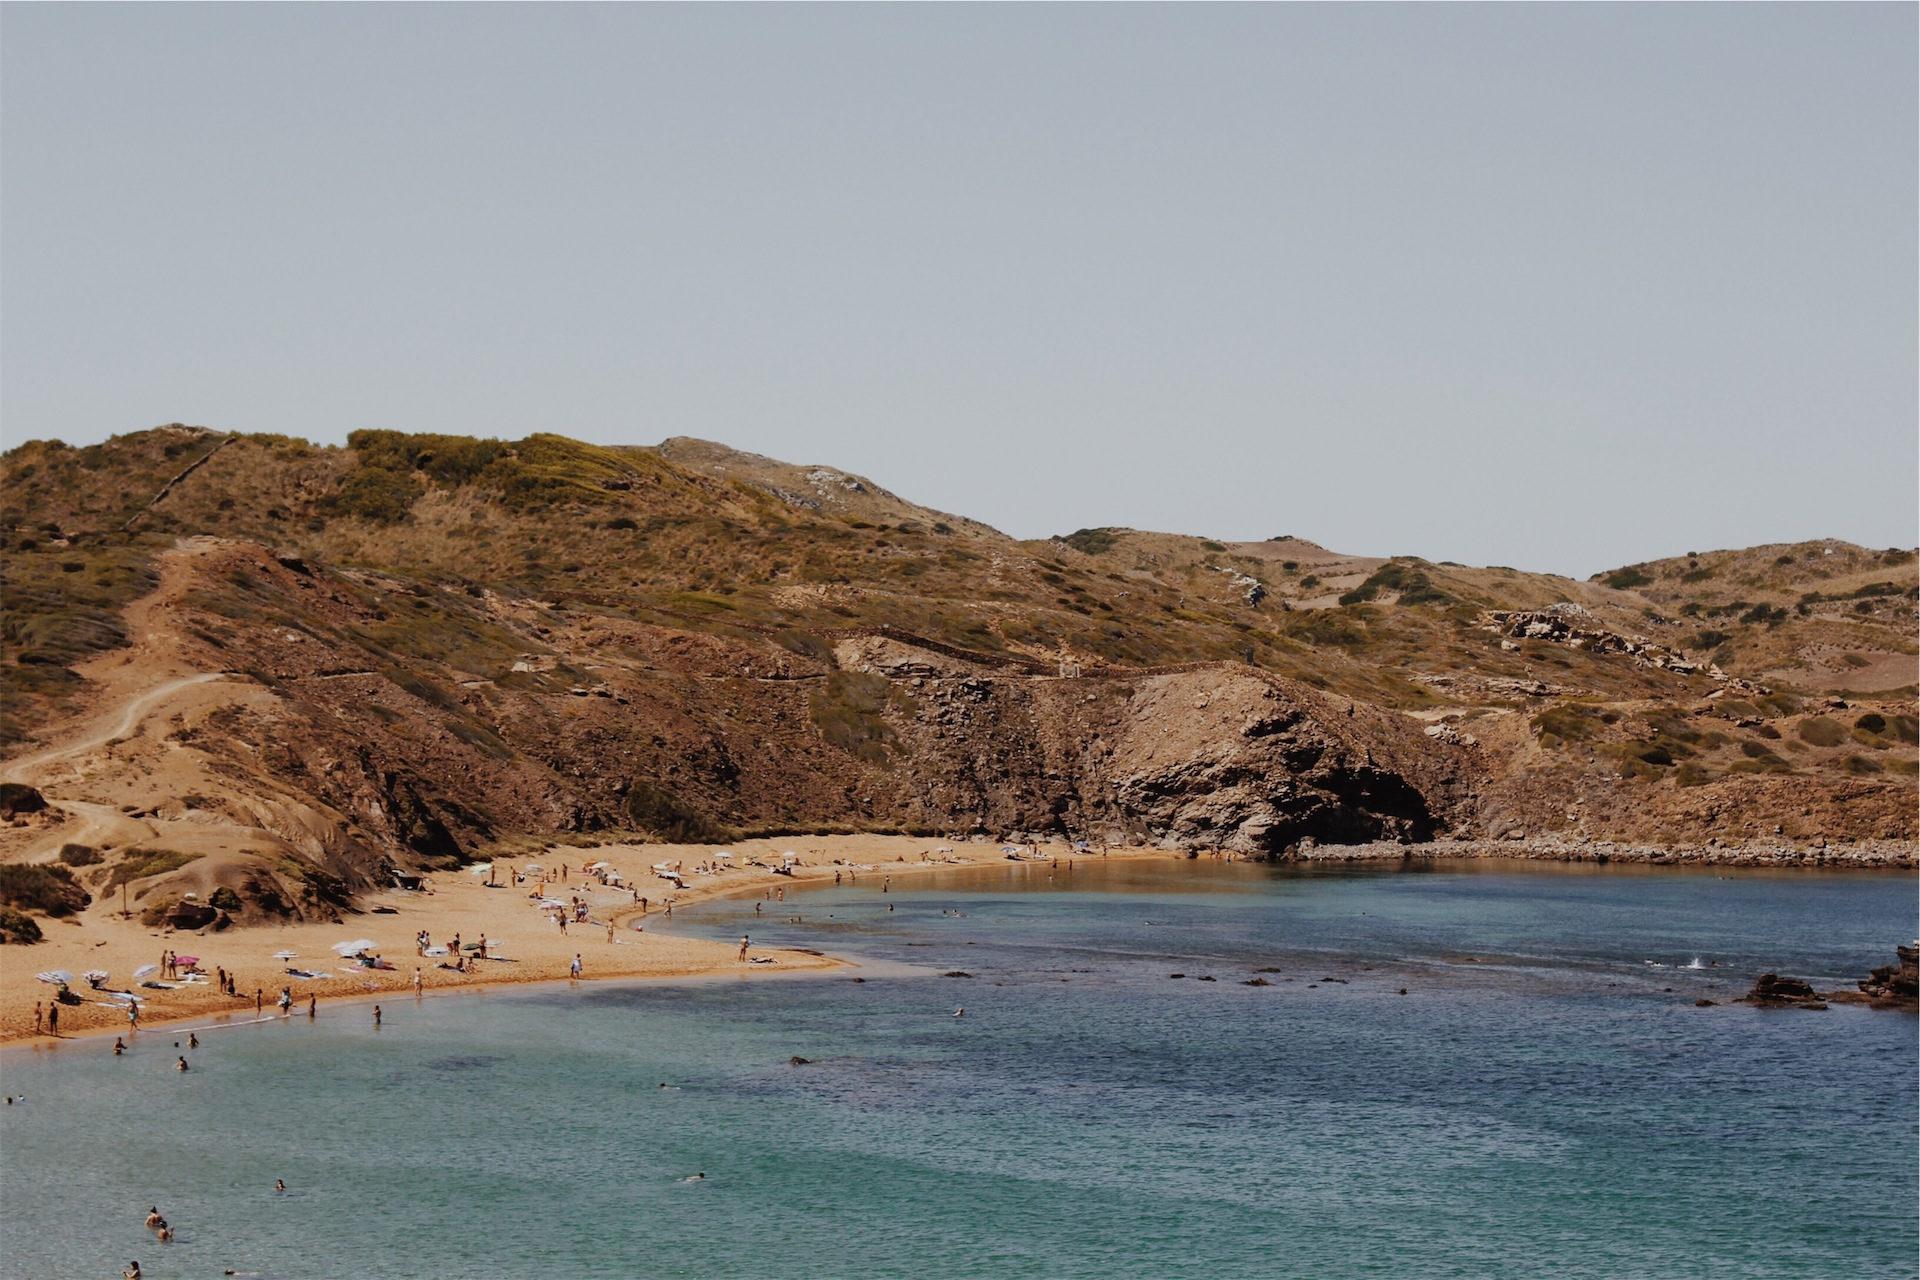 playa, virgen, salvaje, gente, vacaciones - Fondos de Pantalla HD - professor-falken.com